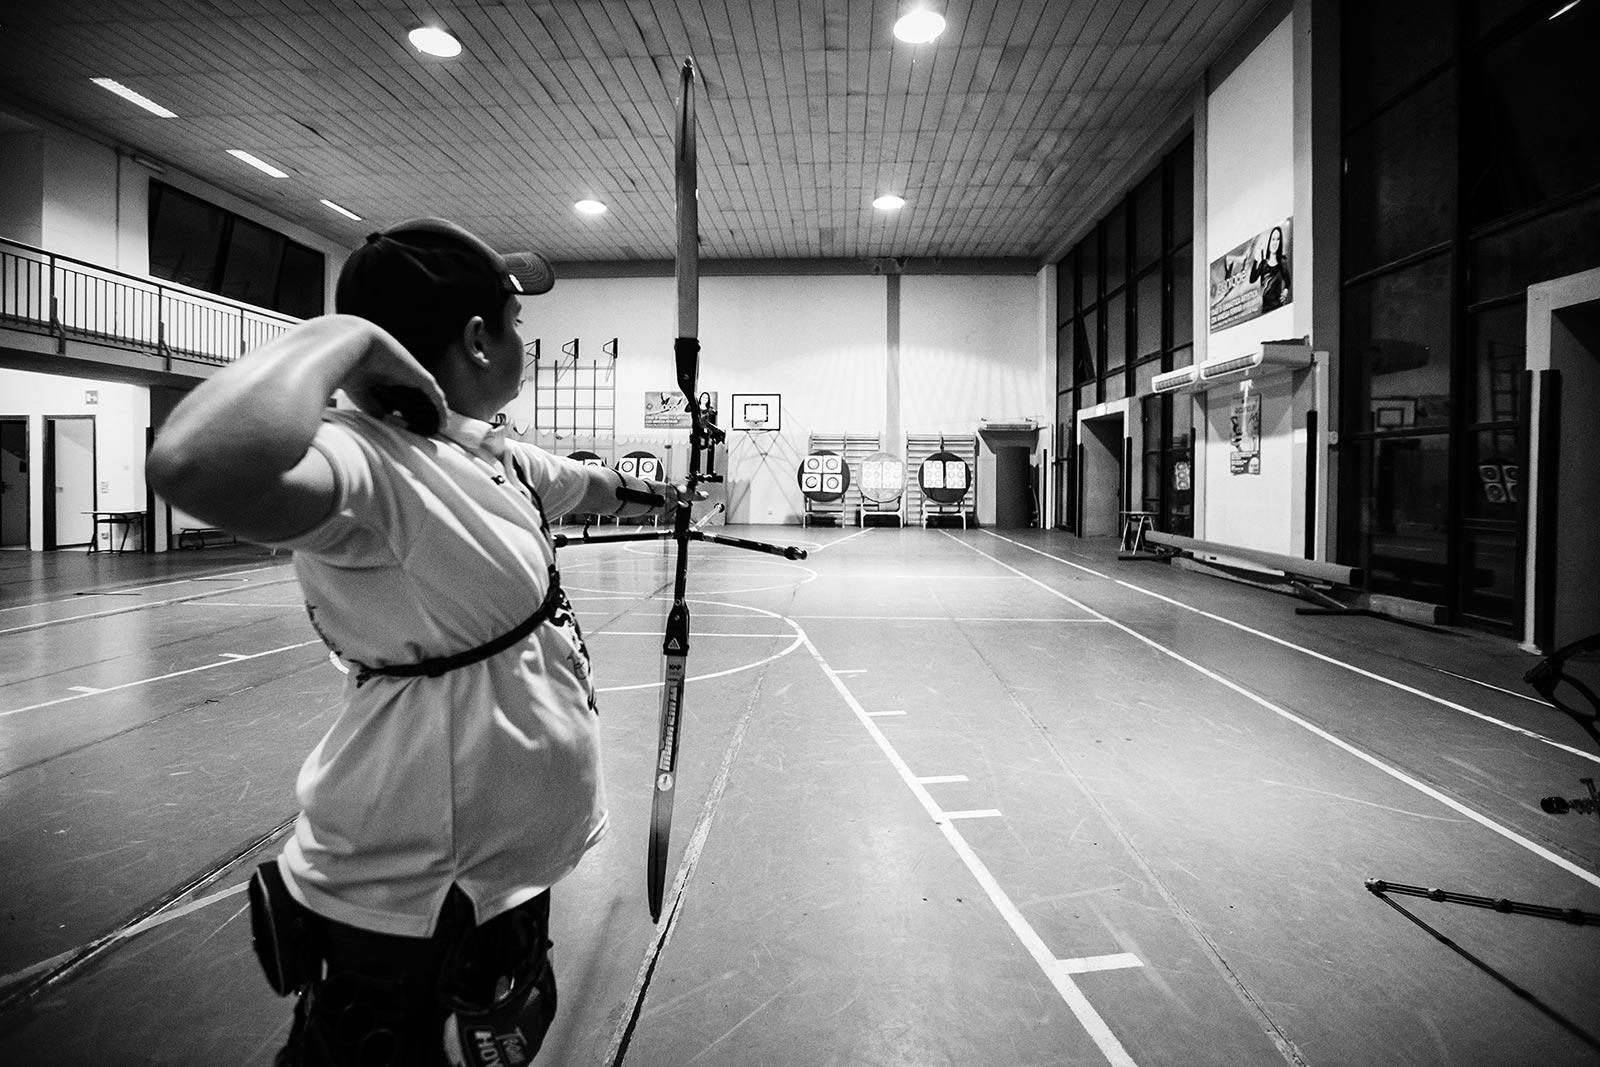 Arcieri tifernum - allenamento in palestra a Città di Castello